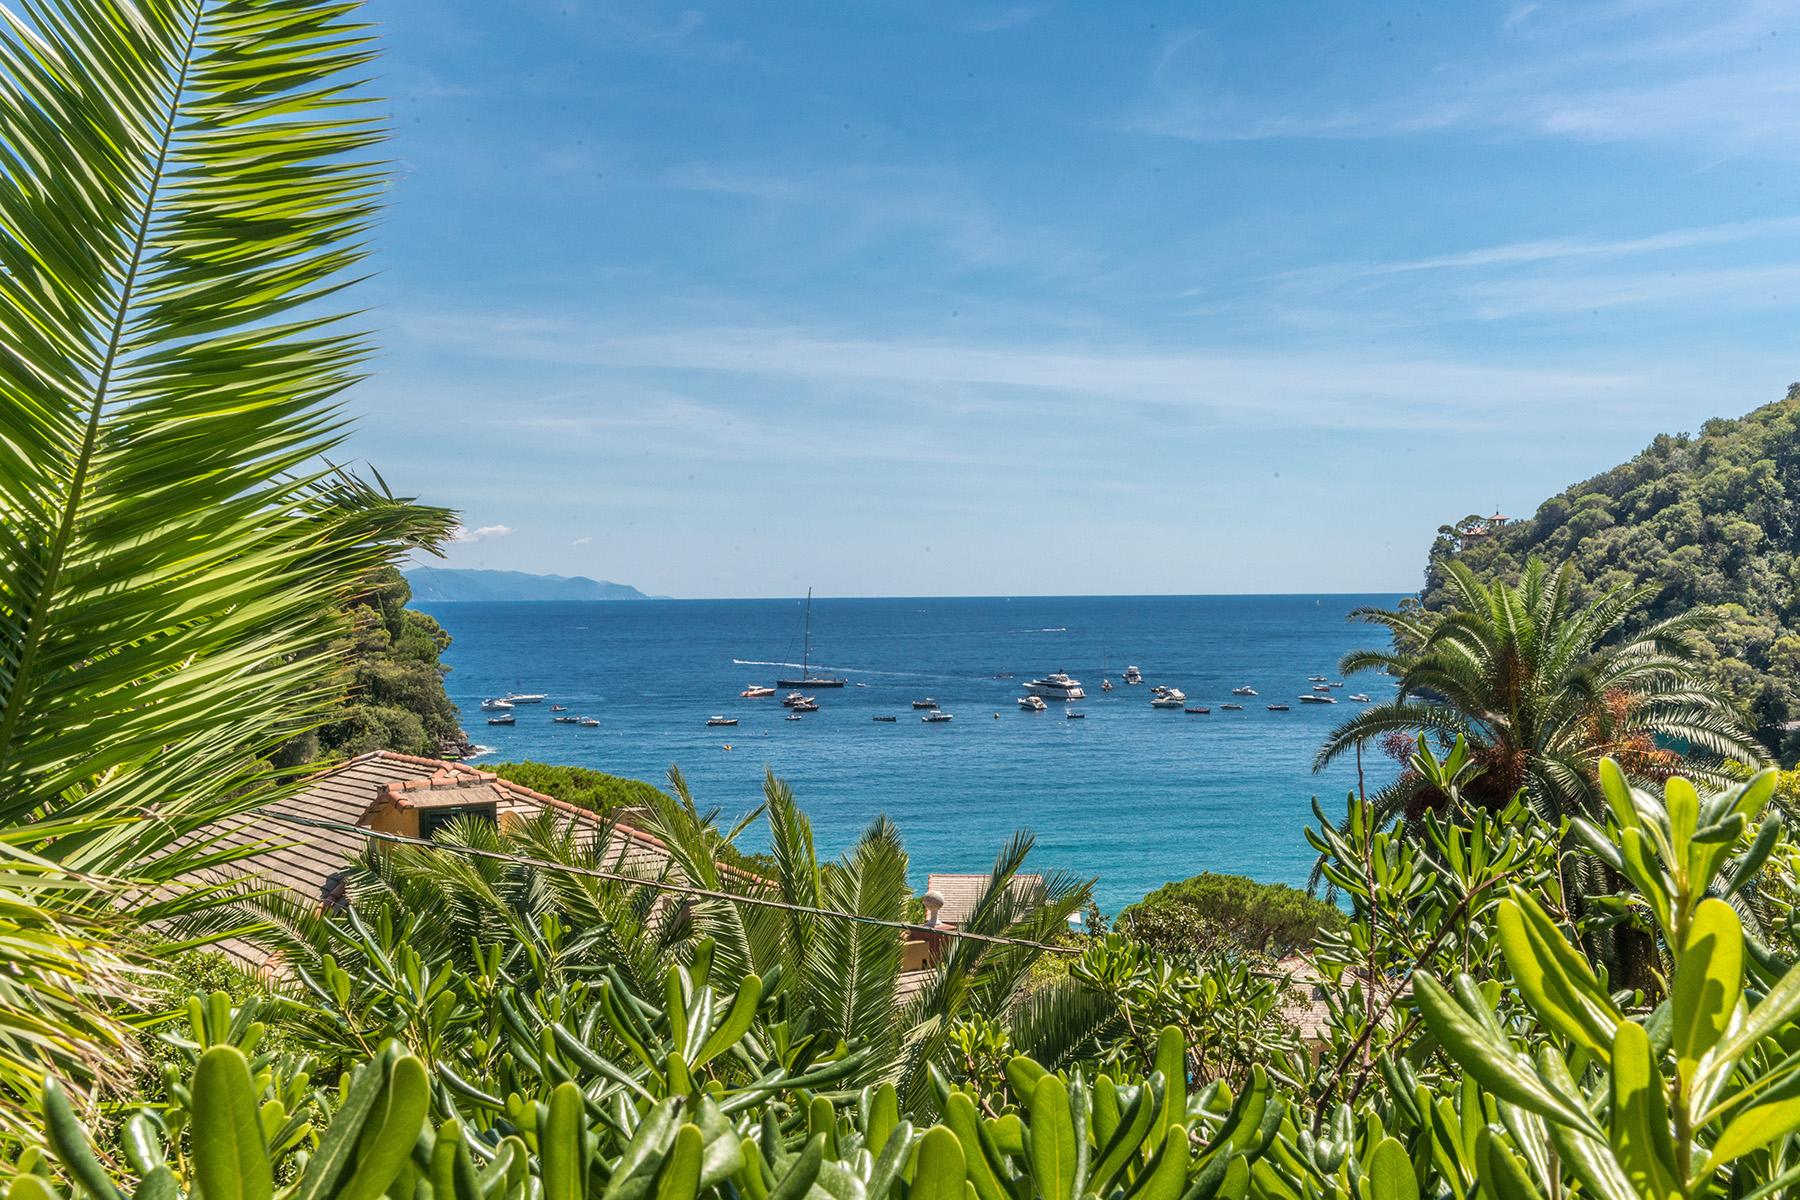 Appartamento in Vendita a Santa Margherita Ligure: 5 locali, 230 mq - Foto 15